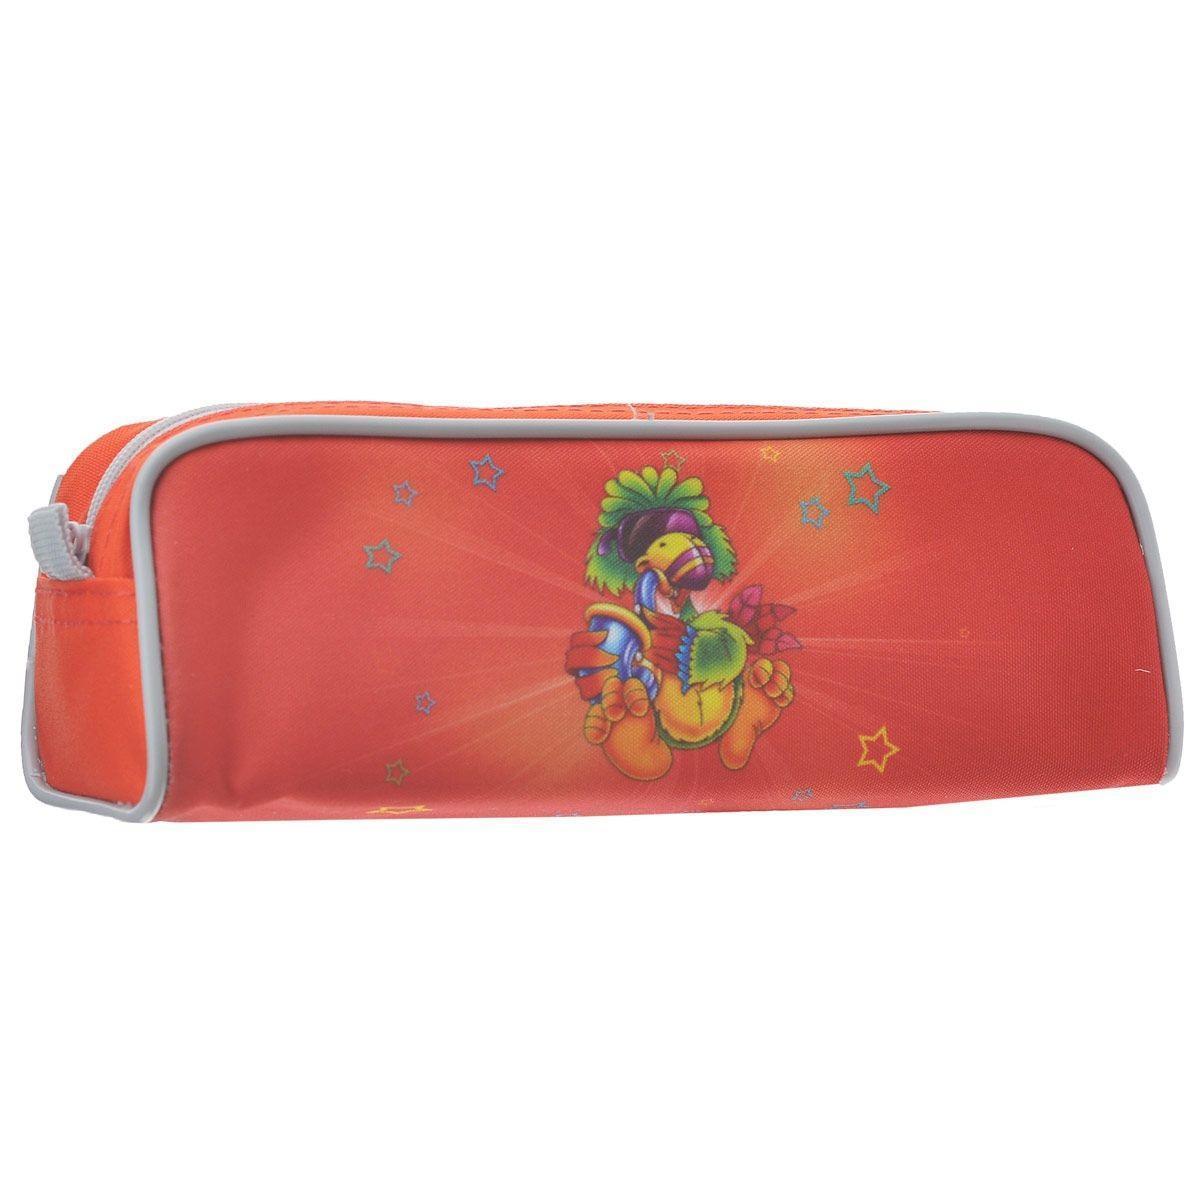 Пенал на молнии JOYFUL BIRDIE, без наполнения, 1 отделение, цвет: красный2920/TGУдобный пенал для школьных канцелярских принадлежностей. Имеет одно отделение и надежную застежку-молнию. Яркий красочный дизайн. Отличное сочетание цены и качества - именно то что вам нужно.